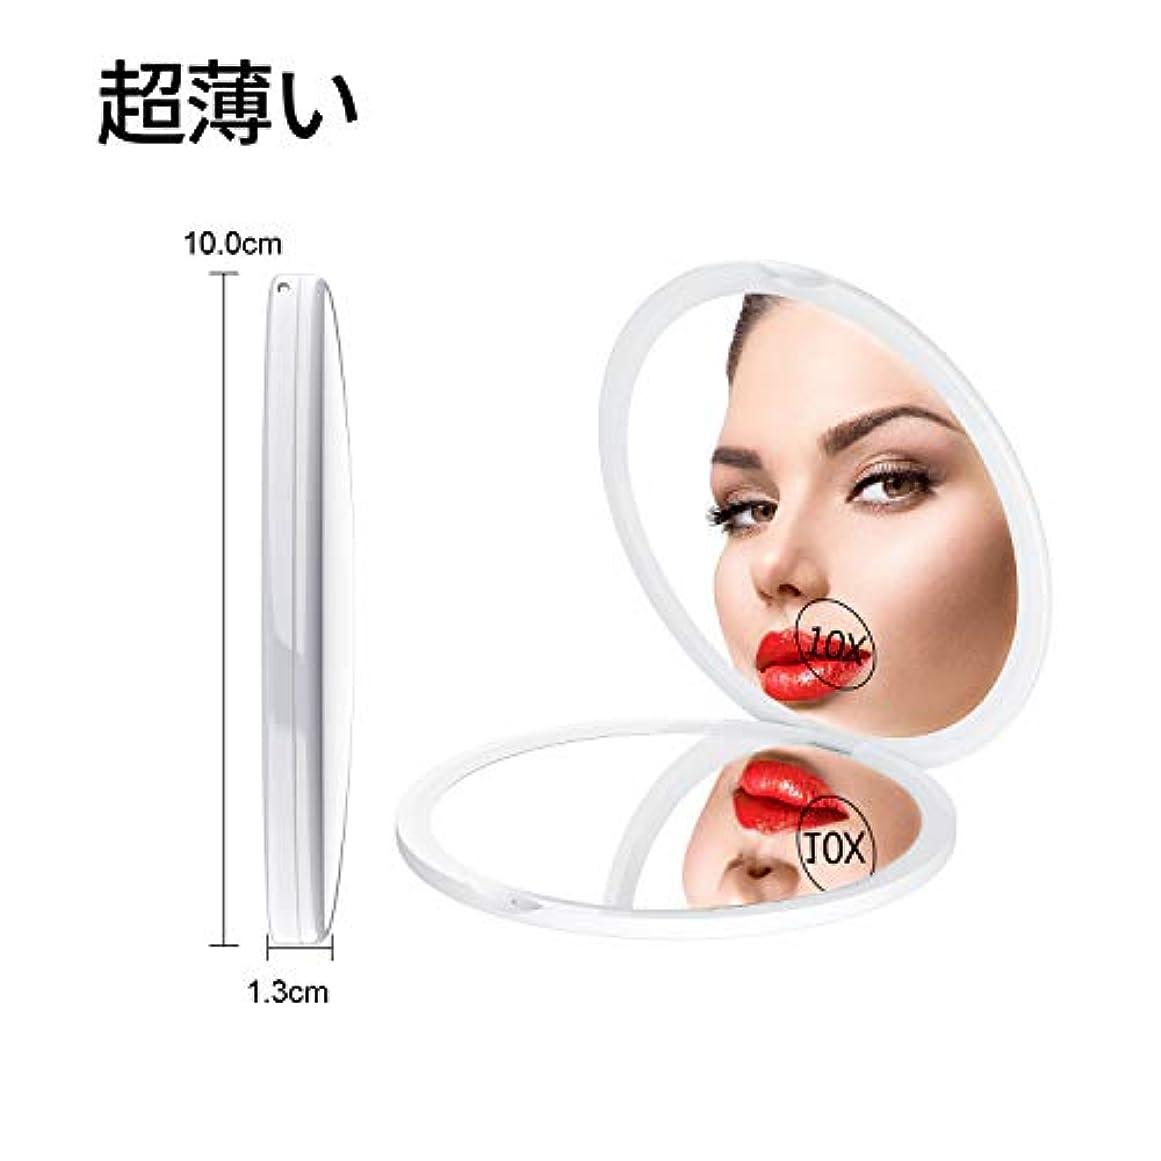 ミラー 鏡 10倍拡大鏡付 両面コンパクトミラー 拡大ミラー 両面化粧鏡 コンパクト拡大ミラー メイクミラー 携帯ミラー 両面鏡 折りたたみミラー 角度調整可 ホワイト Gospire